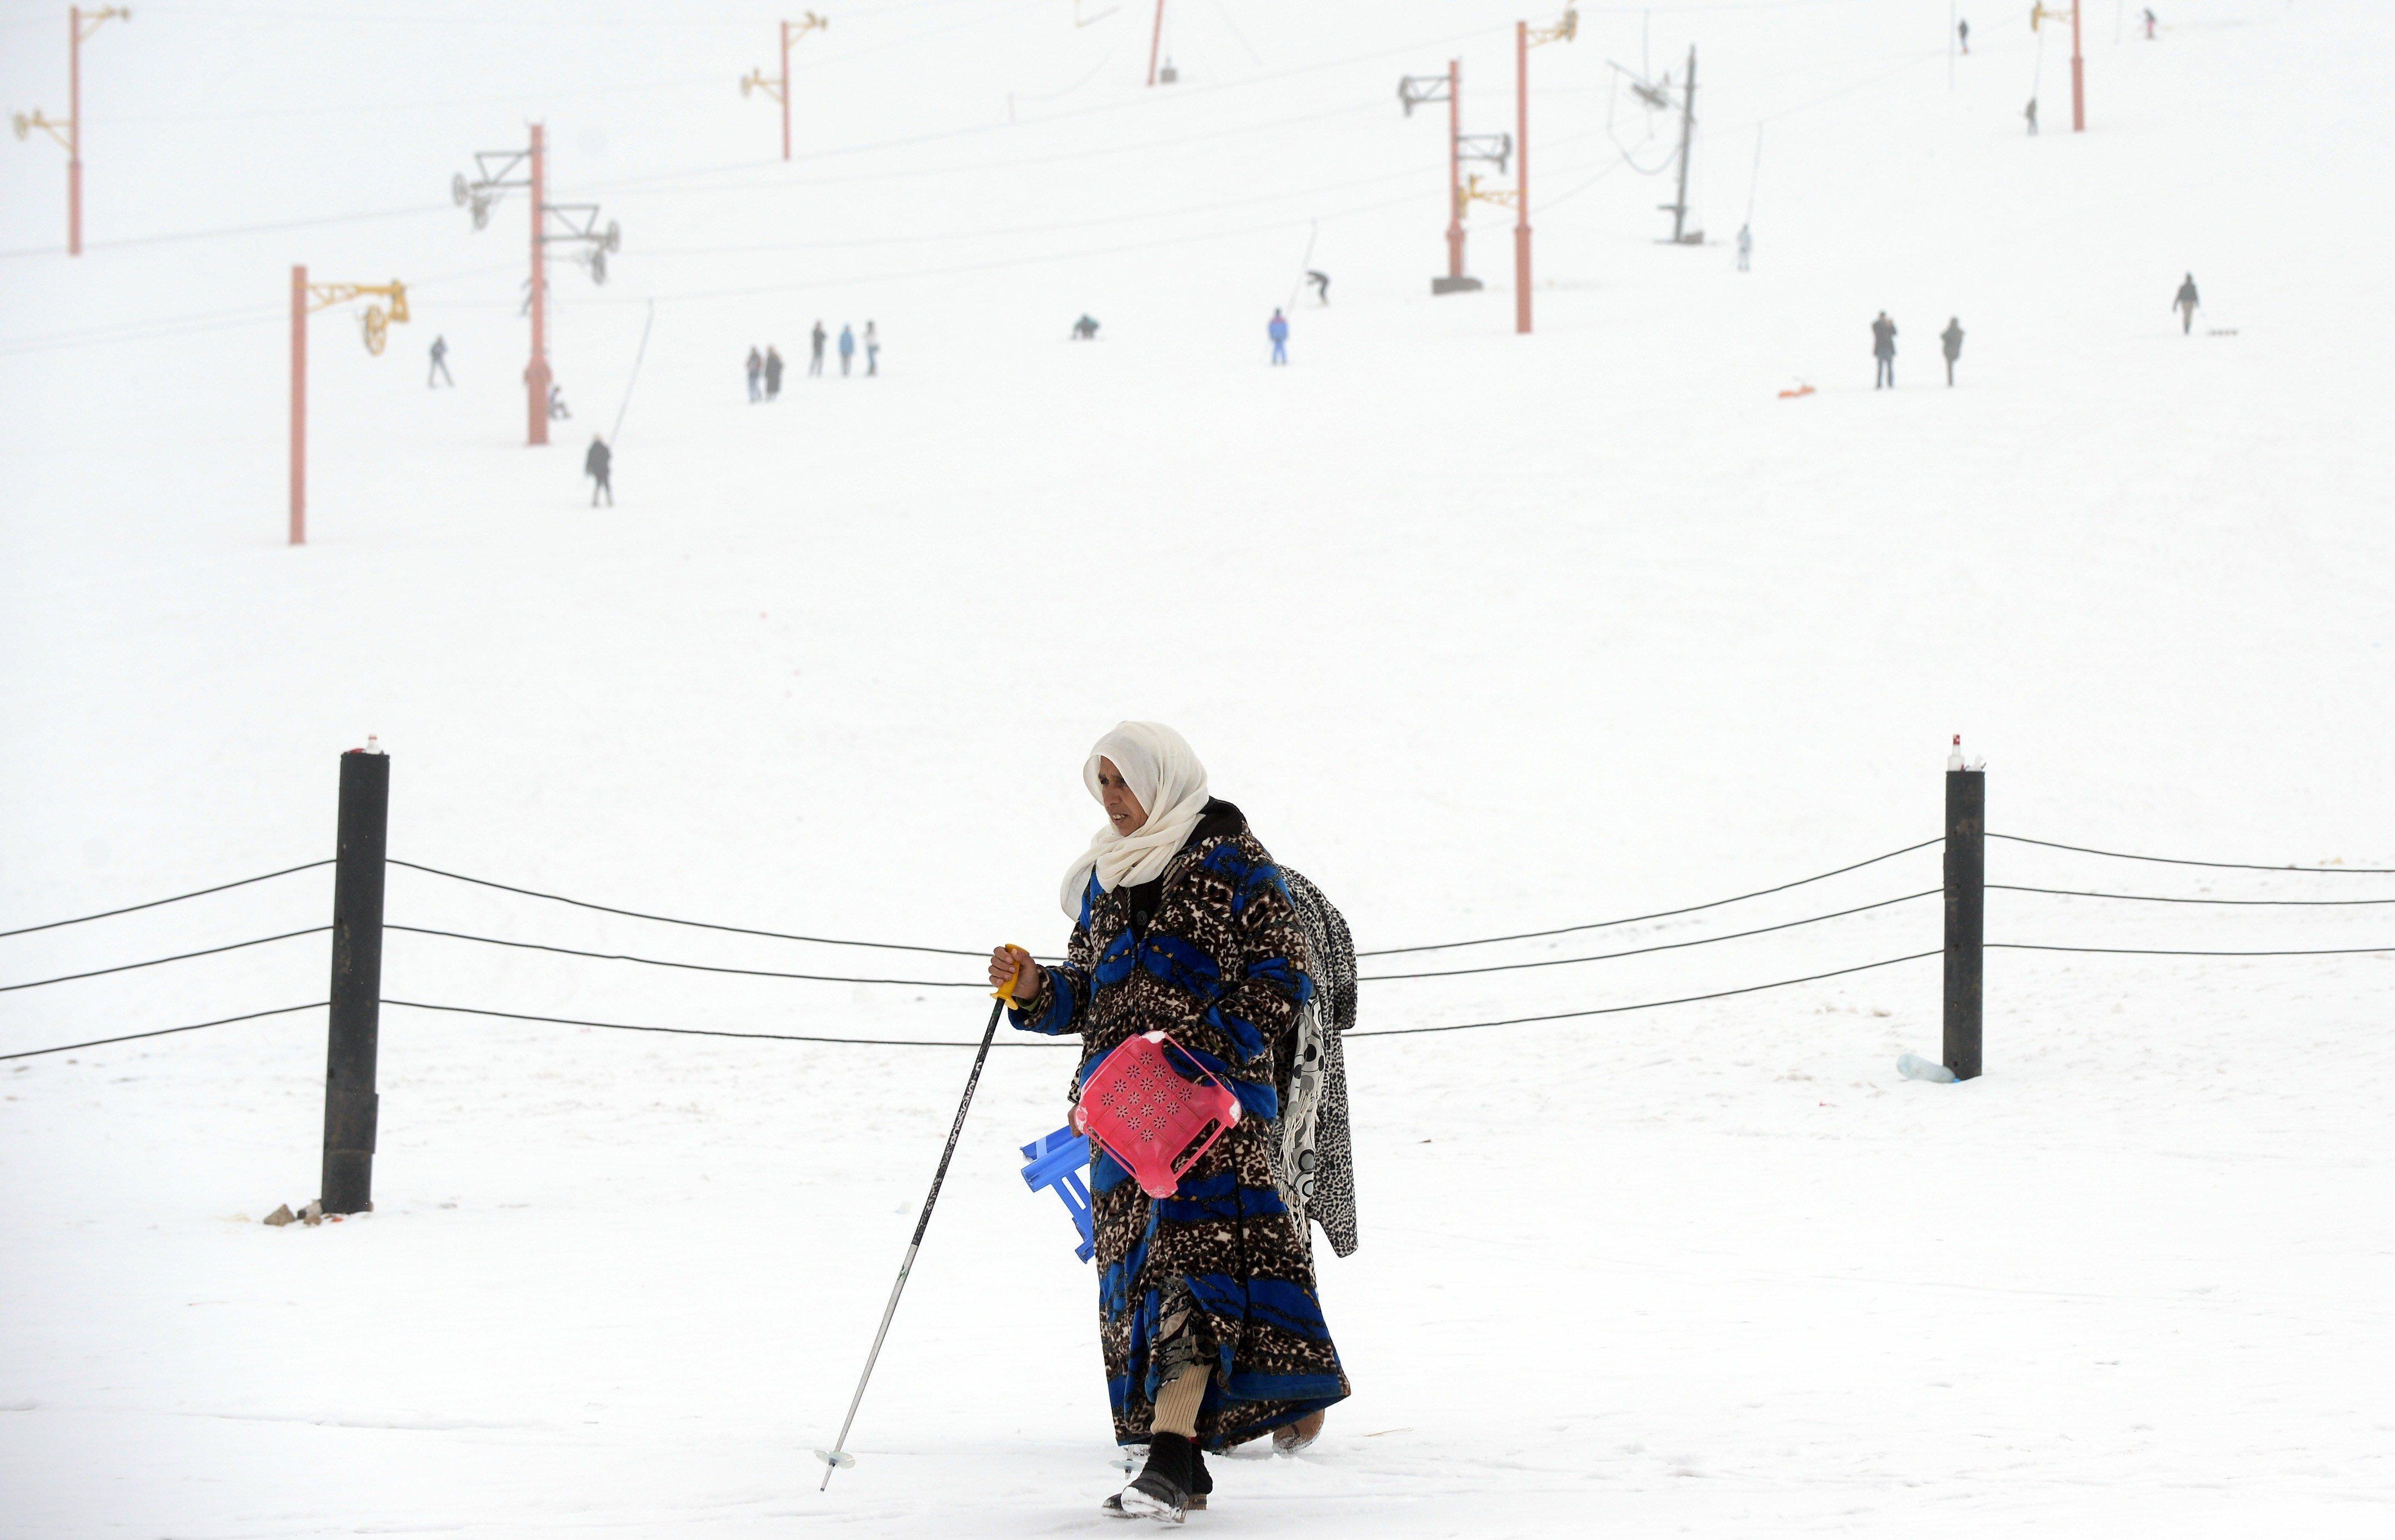 30 centimètres de neige attendus dans certaines régions du Maroc cette